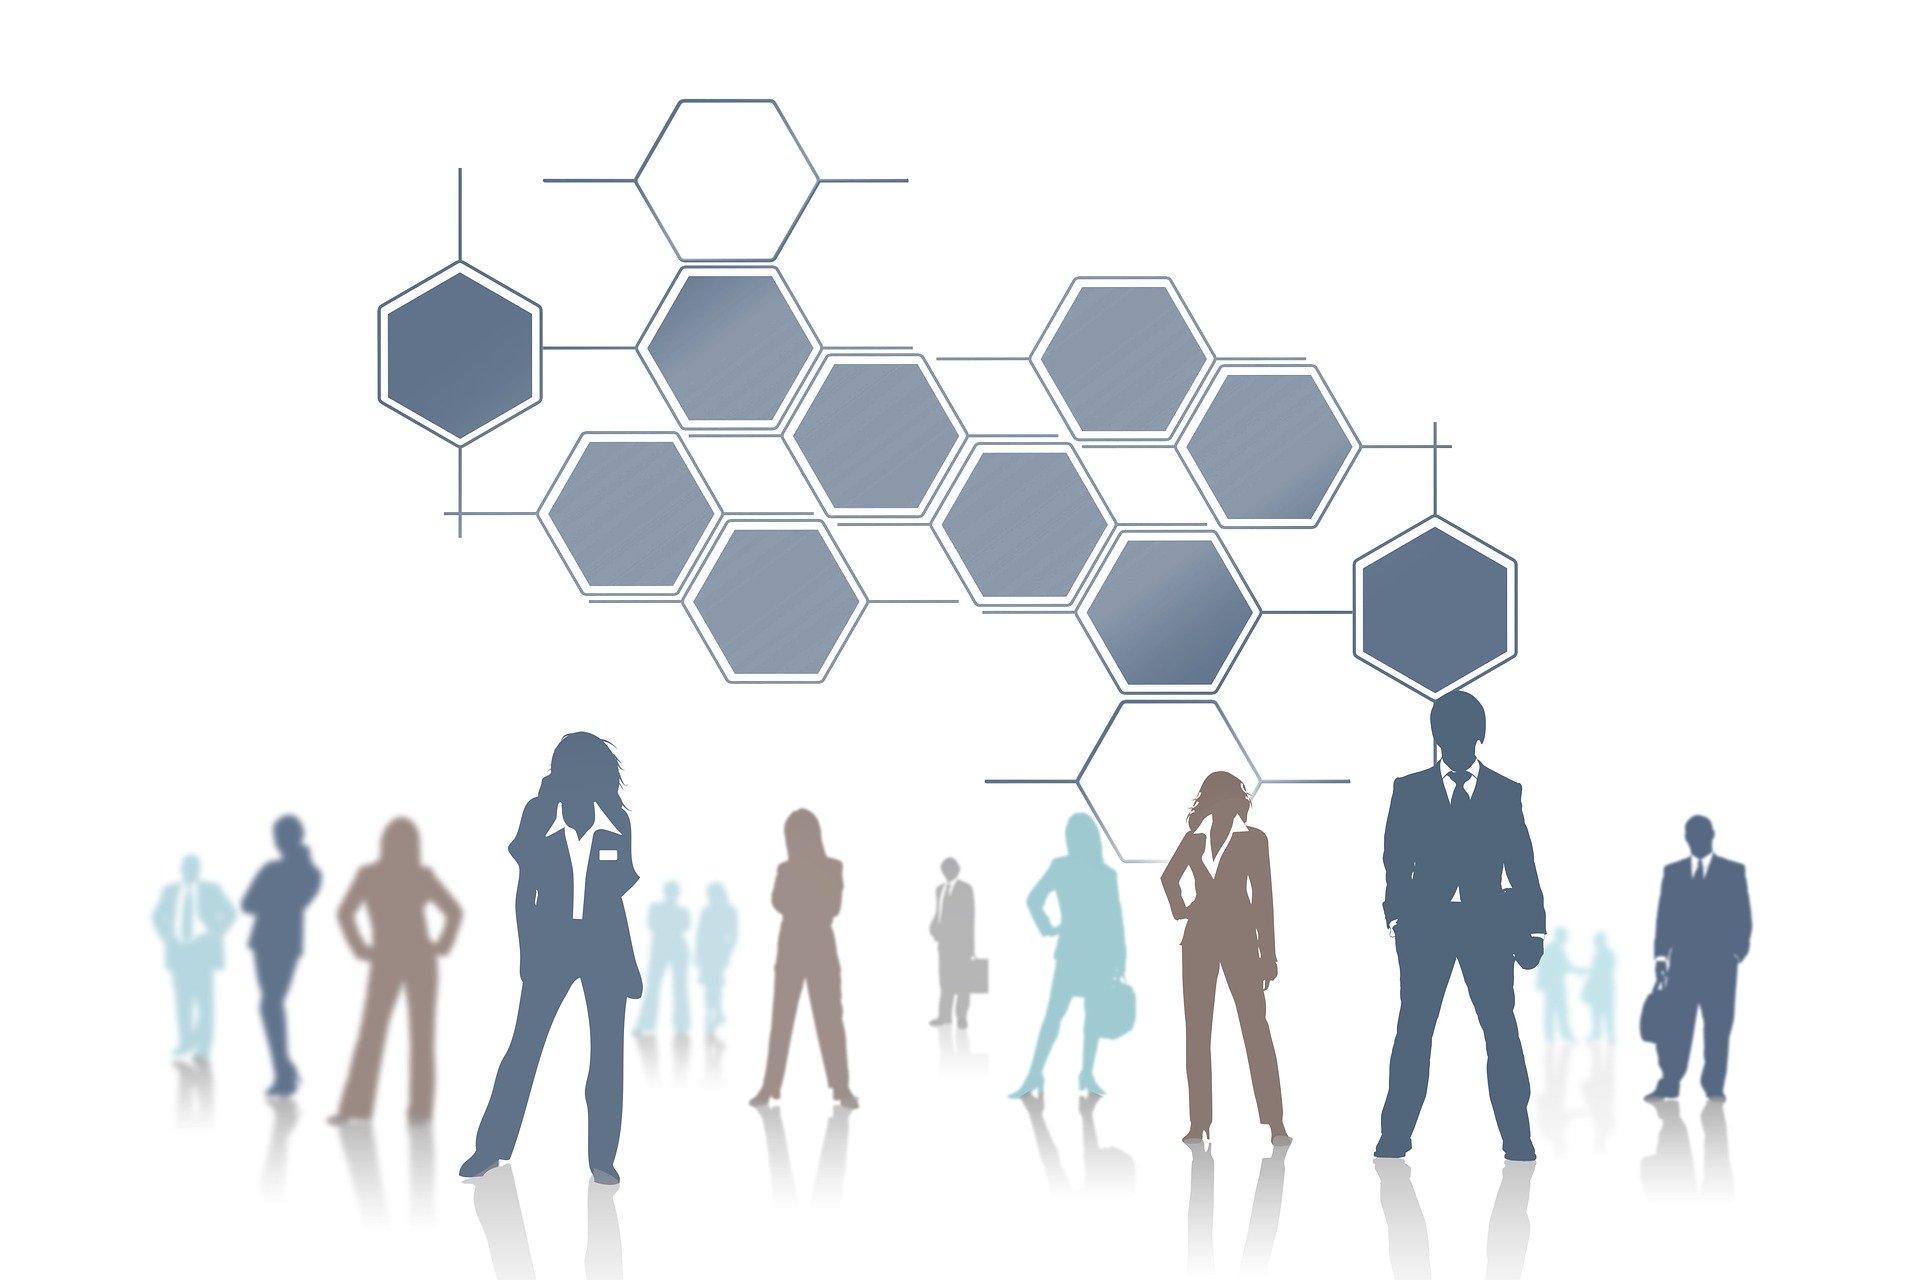 Strategija Strateški se plan razvoja, osim na strateškim dokumentima Sveučilišta, temelji na strateškim dokumentima na čijoj osnovi Učiteljski fakultet djeluje od 2006. godinei. Temelji se i na analizi svih segmenata Učiteljskoga fakulteta, odnosno, na trenutačnom stanju te misiji i viziji Učiteljskoga fakulteta. Analiza u koju je uključena i SWOT analiza koja, kao jedan od početnih koraka pri spomenutoj izradi sveobuhvatne strategije obuhvaća samo nastavno osoblje Učiteljskoga fakulteta, a dovršena je u veljači 2013., odražava djelomičan pogled iznutra, a nedostaje i pogled izvana koji moraju dati kasnije navedeni vanjski dionici s kojima Fakultet surađuje. Za sljedeće strateško razdoblje u tijeku je izrada potpune analize koja će obuhvatiti sve dionike: nastavnike, studente, stručne službe, učitelje i ostale stručnjake u školama, suradnike, udruge i partnere s kojima Učiteljski fakultet dolazi u doticaj te koja će rezultirati sveobuhvatnom strategijom Fakulteta. Misija Misija Učiteljskog fakulteta jest provođenje kvalitetnih programa obrazovanja budućih odgojitelja, učitelja, nastavnika te ostalih obrazovatelja na području cjeloživotnoga odgoja i obrazovanja kroz programe integriranih, prediplomskih, diplomskih, specijalističkih i doktorskih studija te programa cjeloživotnoga obrazovanja i usavršavanja koji omogućavaju studentima i ostalim polaznicima da kroz vođenje i potporu uspješno povezuju teorijska i praktična znanja i usklađuju ih s obrazovnom politikom, razvijaju svoja znanja i vještine te stječu kompetencije nužne u odgojno-obrazovnom radu. Suvremeni programi utemeljeni na disciplinarnim i interdisciplinarnim istraživanjima te na evaluaciji obrazovnih potreba inoviraju se i mijenjaju u skladu sa suvremenom svjetskom praksom, potrebama profesija i zahtjevima tržišta, utemeljeni su na kritičkom istraživanju i praćenju odgojno-obrazovne prakse i preporukama za njezino unapređenje, ishodima učenja i primjeni inovativnih metoda u poučavanju i učenju te su usmj